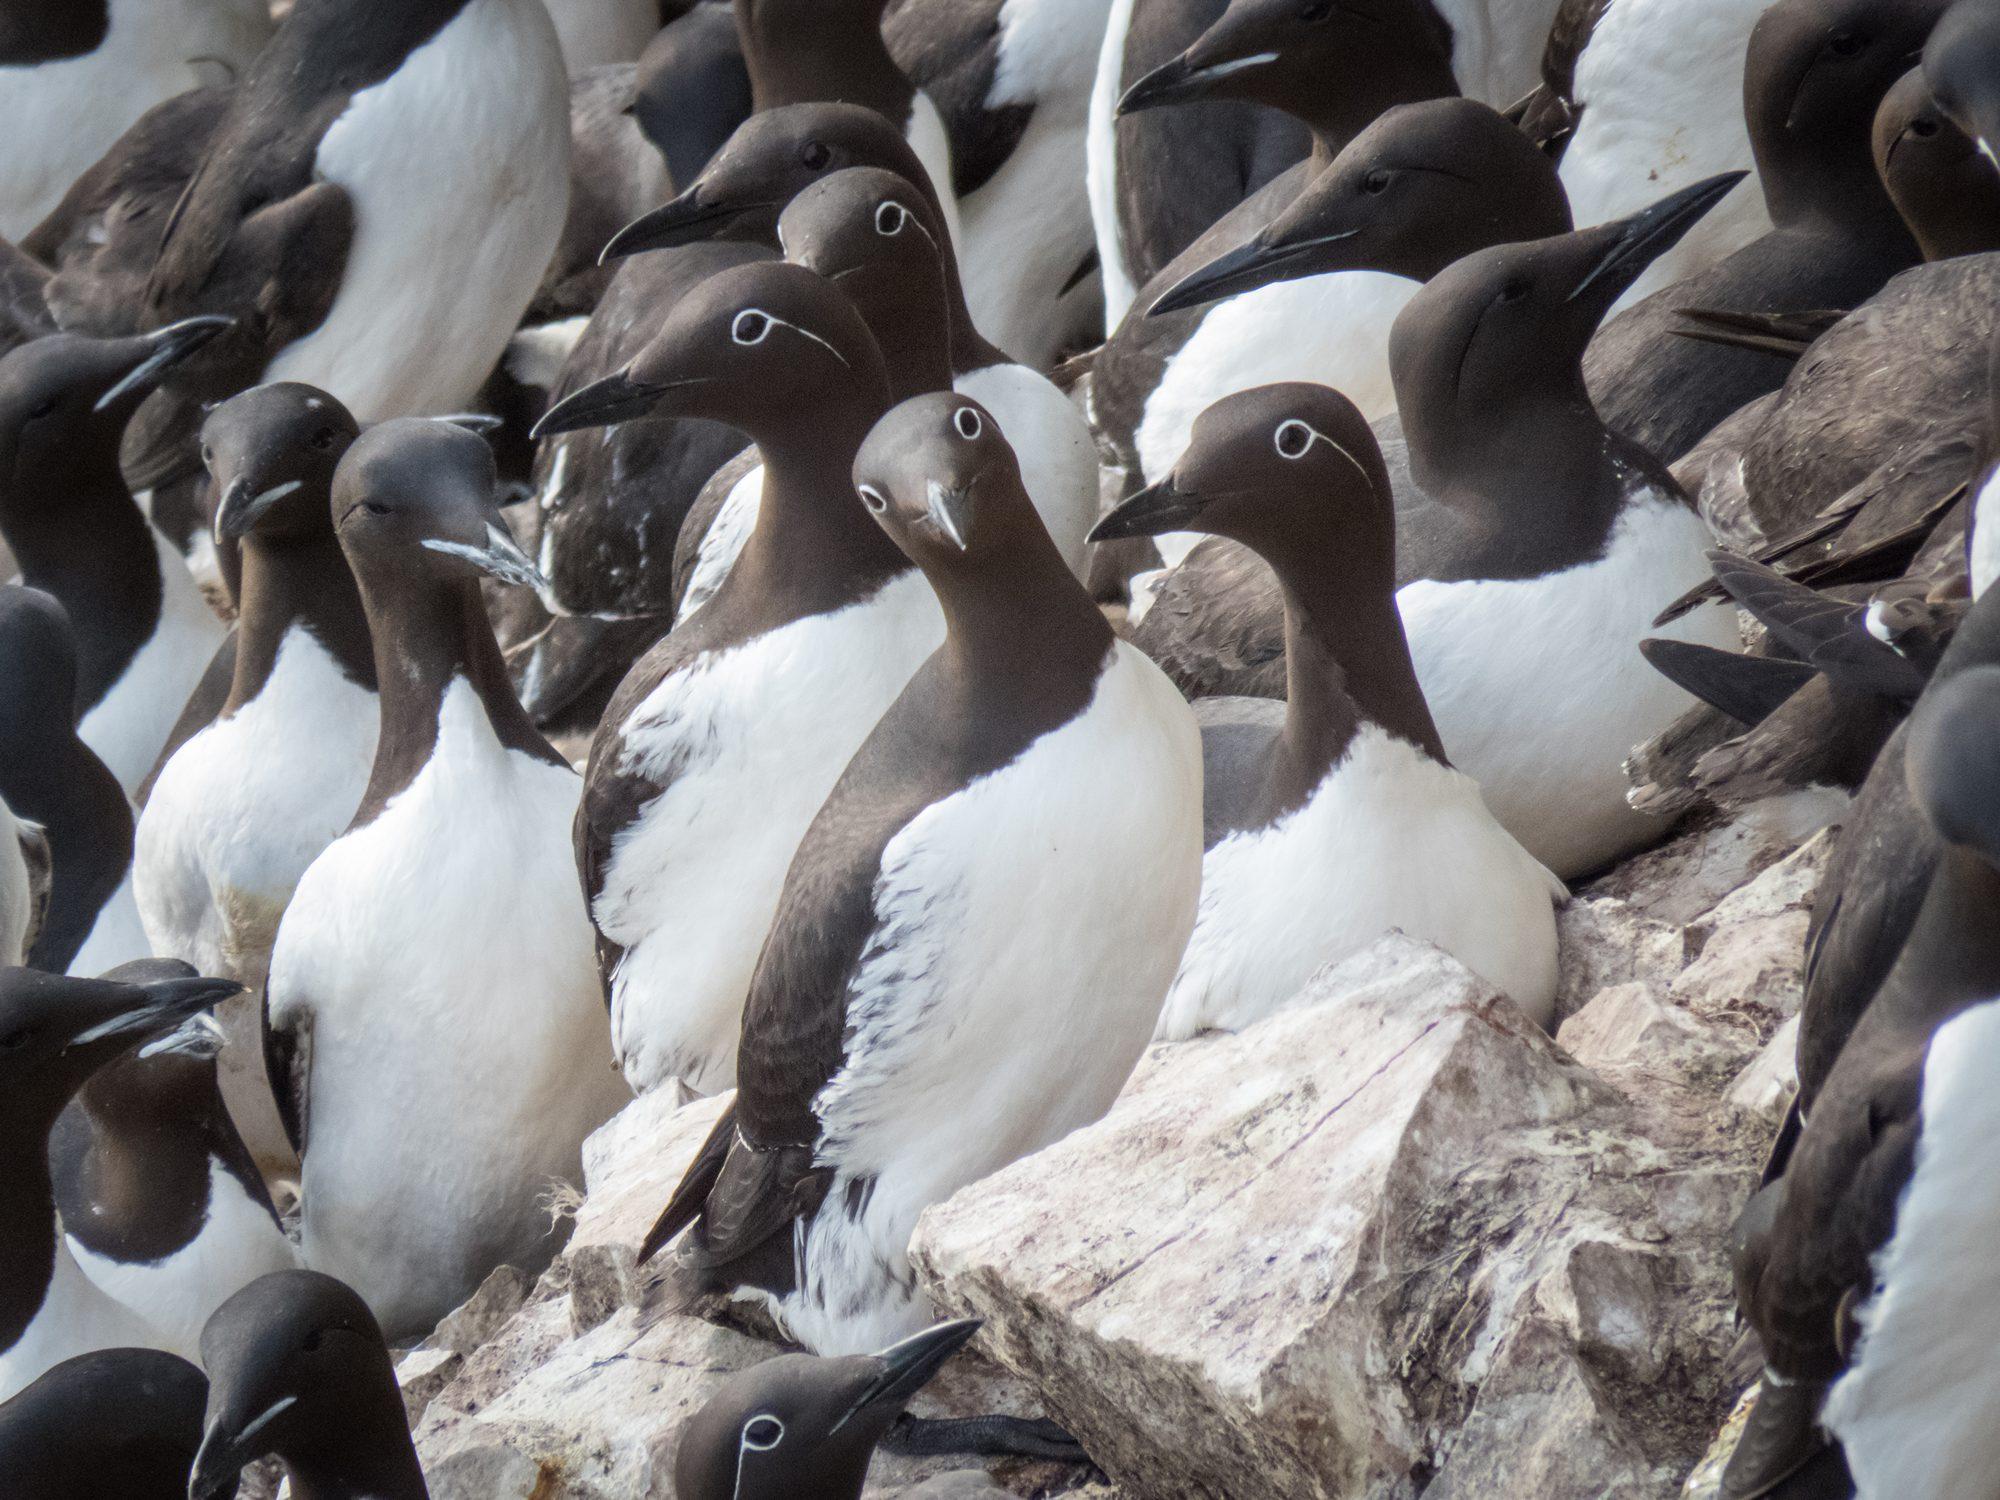 Тонкоключвые кайры (часть птиц очковой морфы). Здесь и далее фото птиц с Элементов.ру